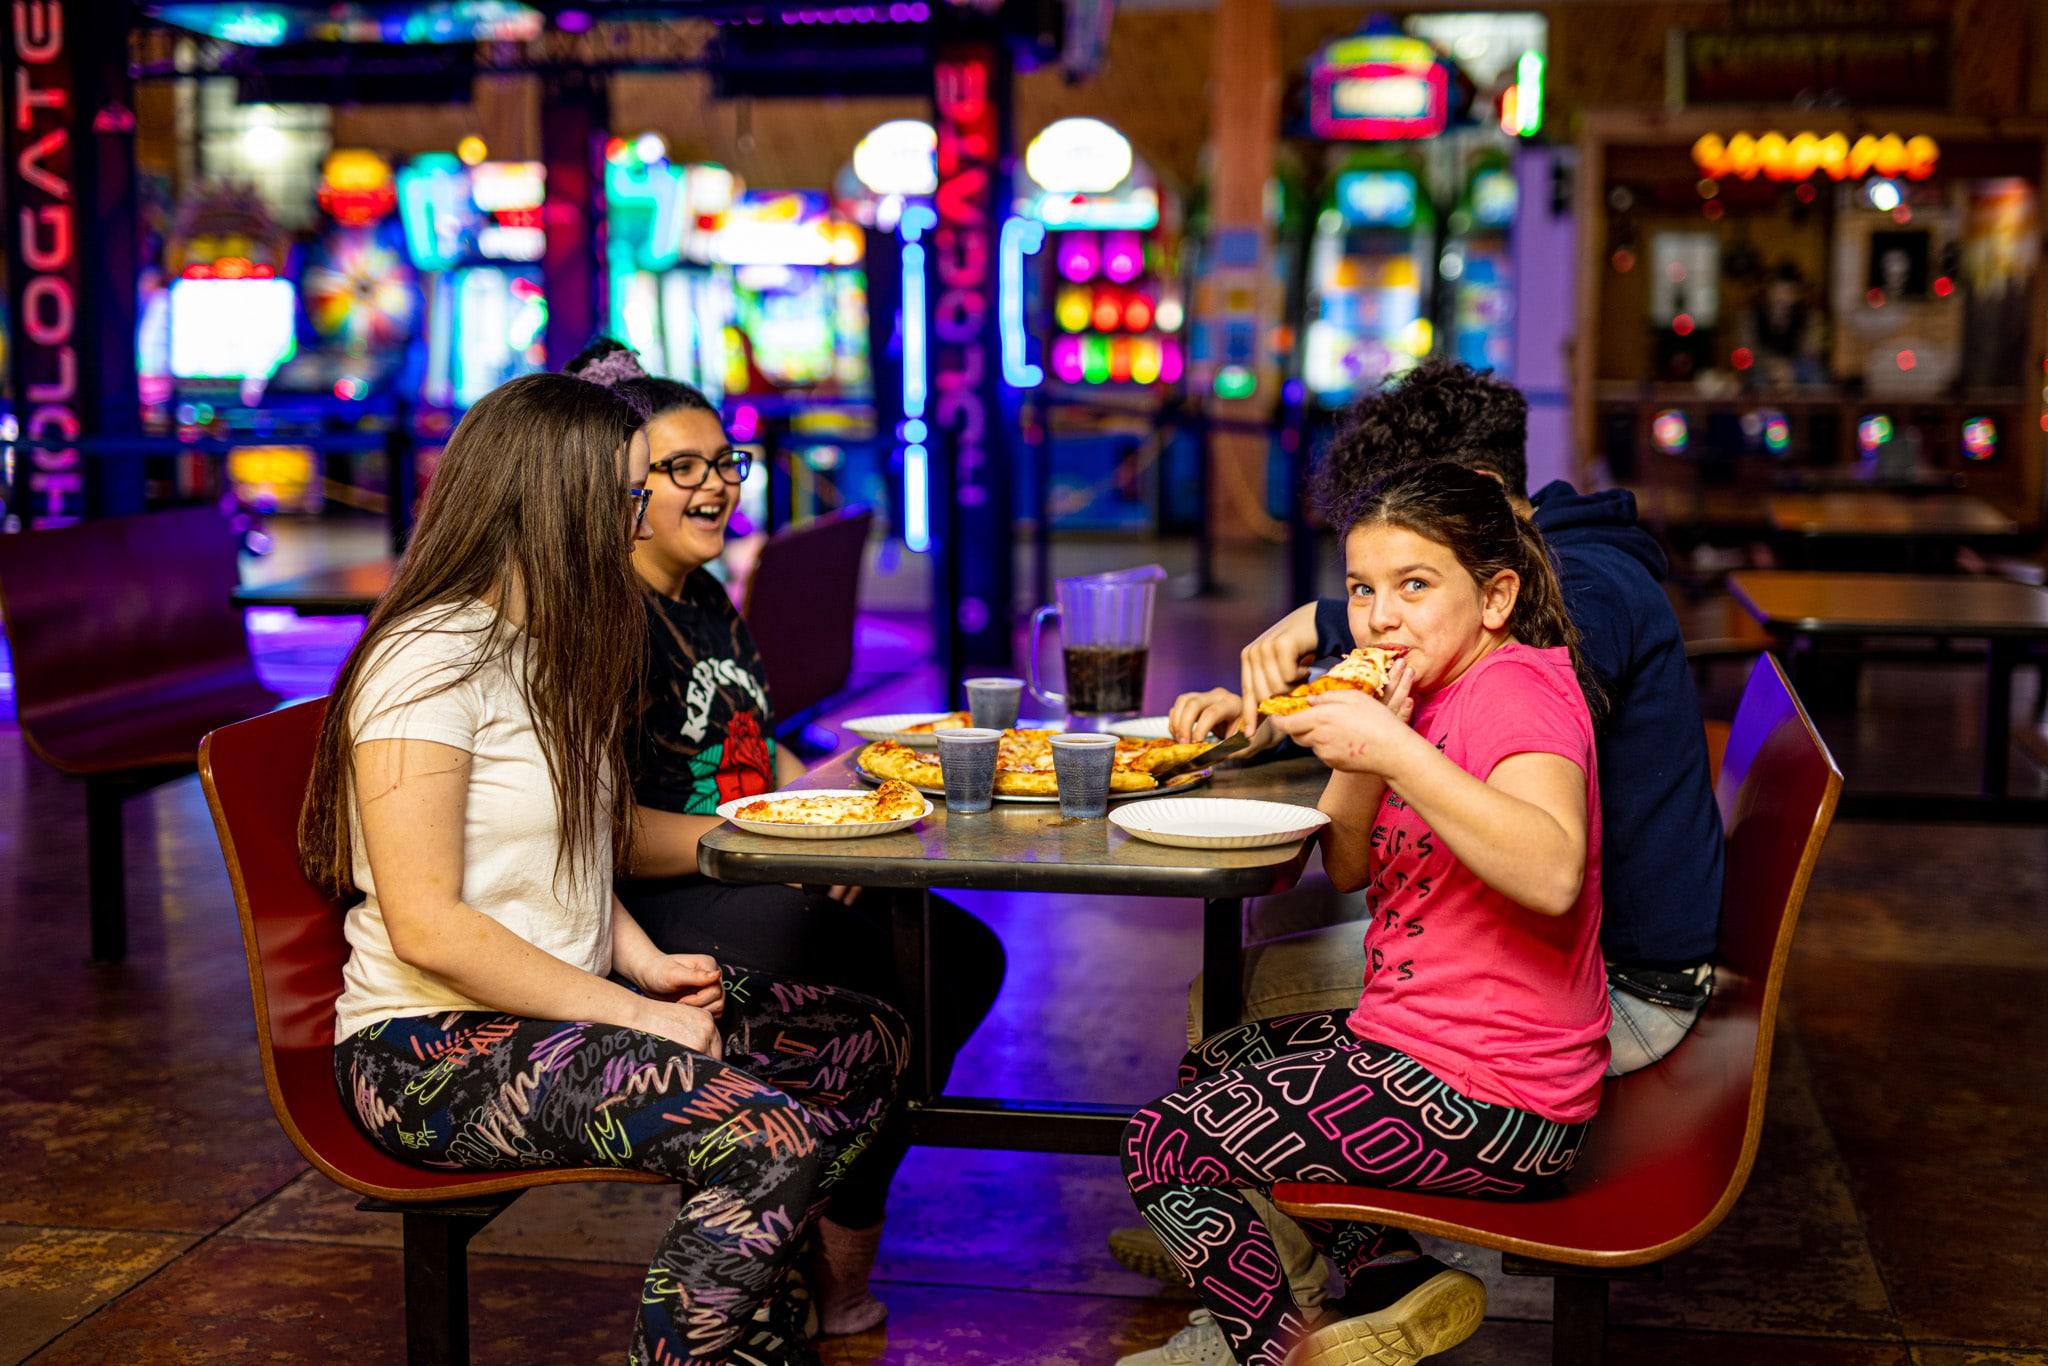 kid activities in kenosha, fun activities for kids in kenosha, kids attractions in kenosha